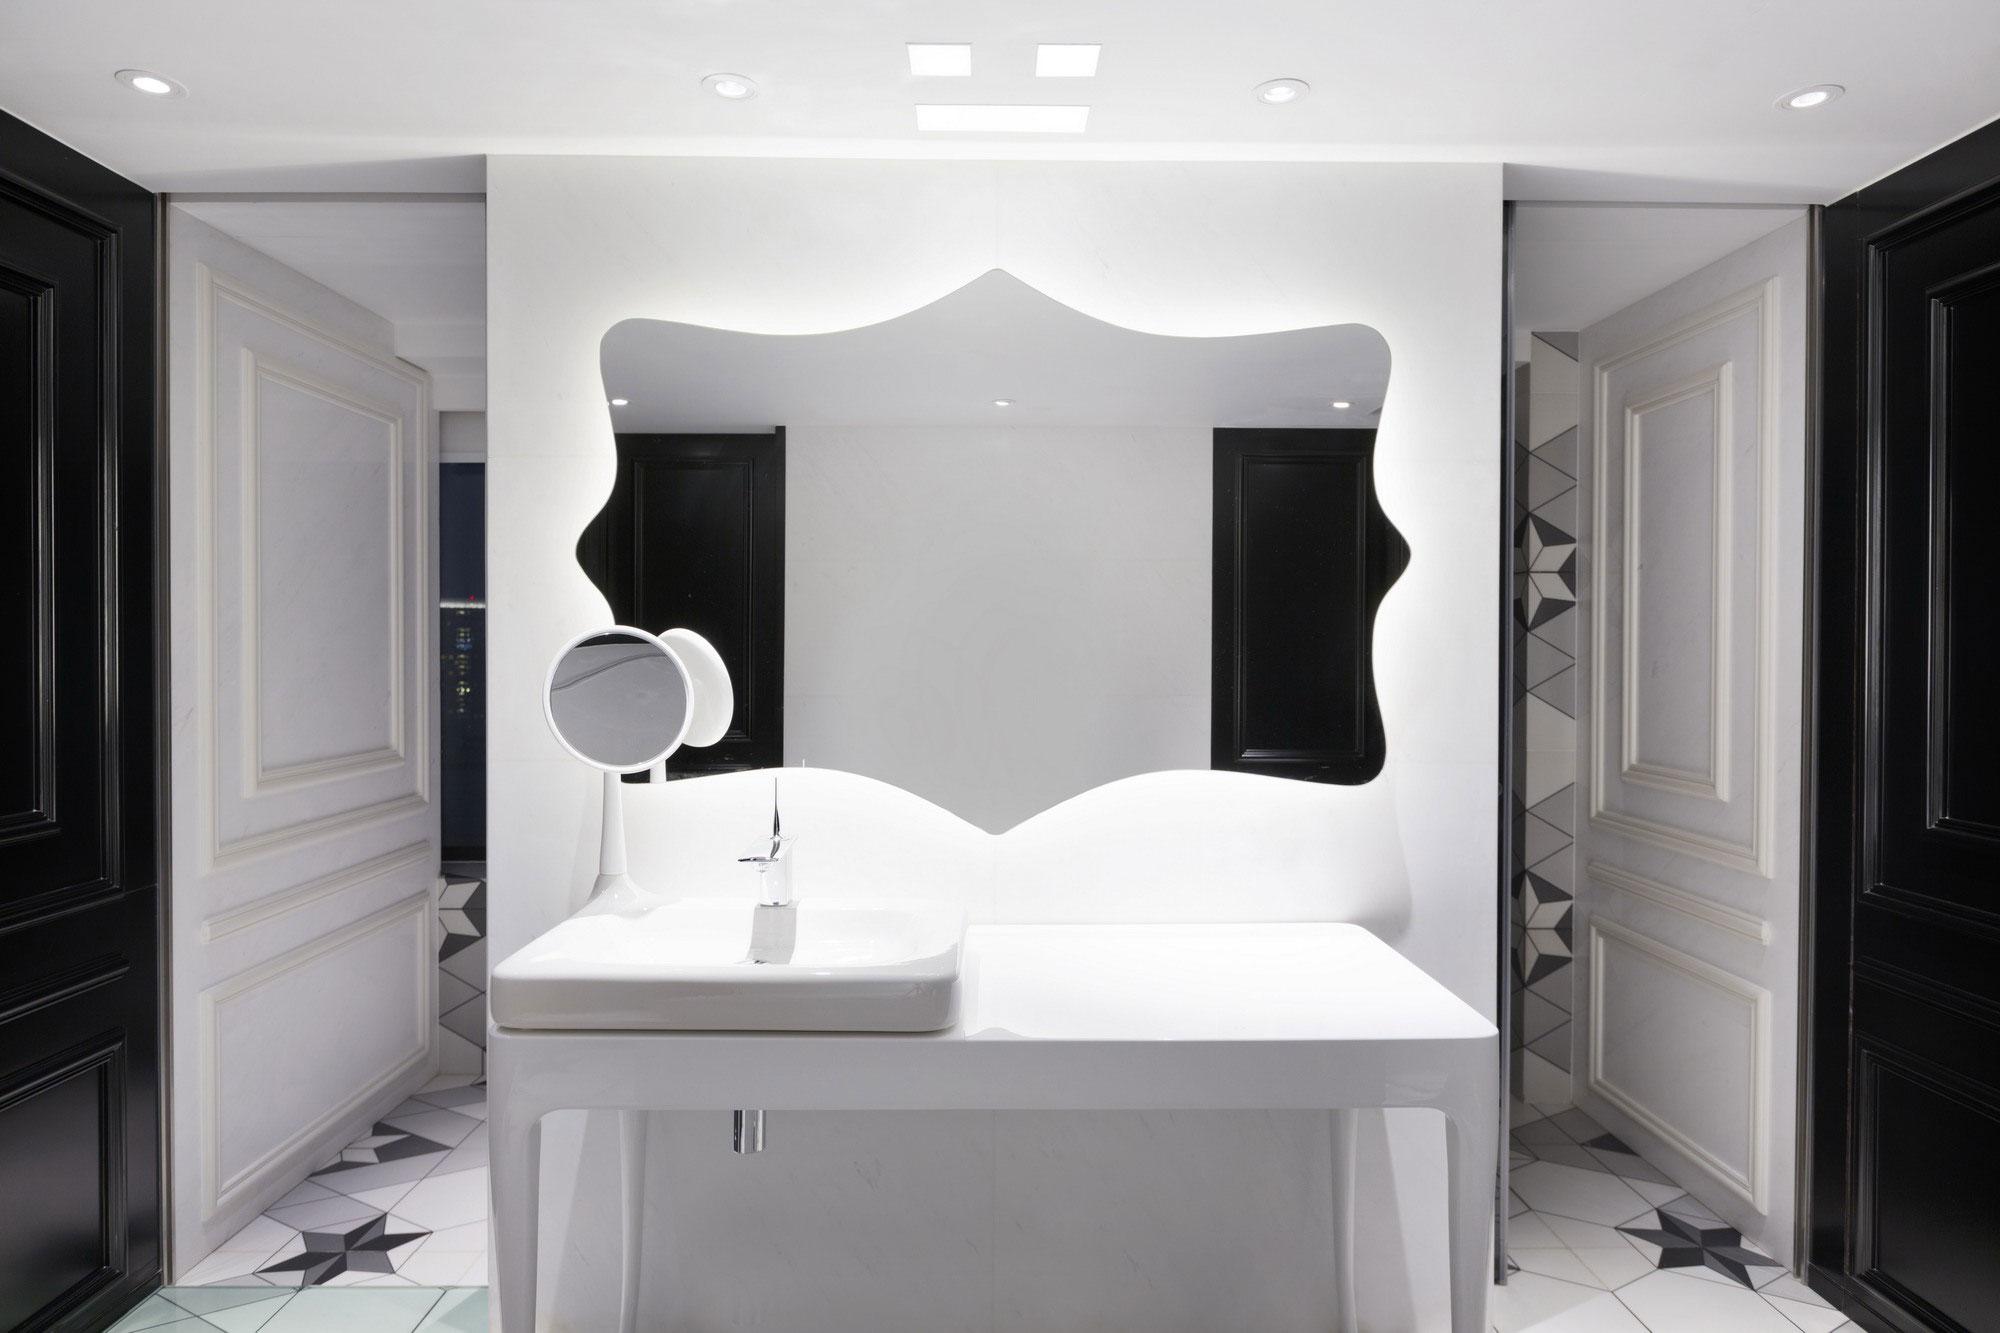 Fantasy penthouse in beijing by dariel studio homedezen - Deco salle de bain noir et blanc ...